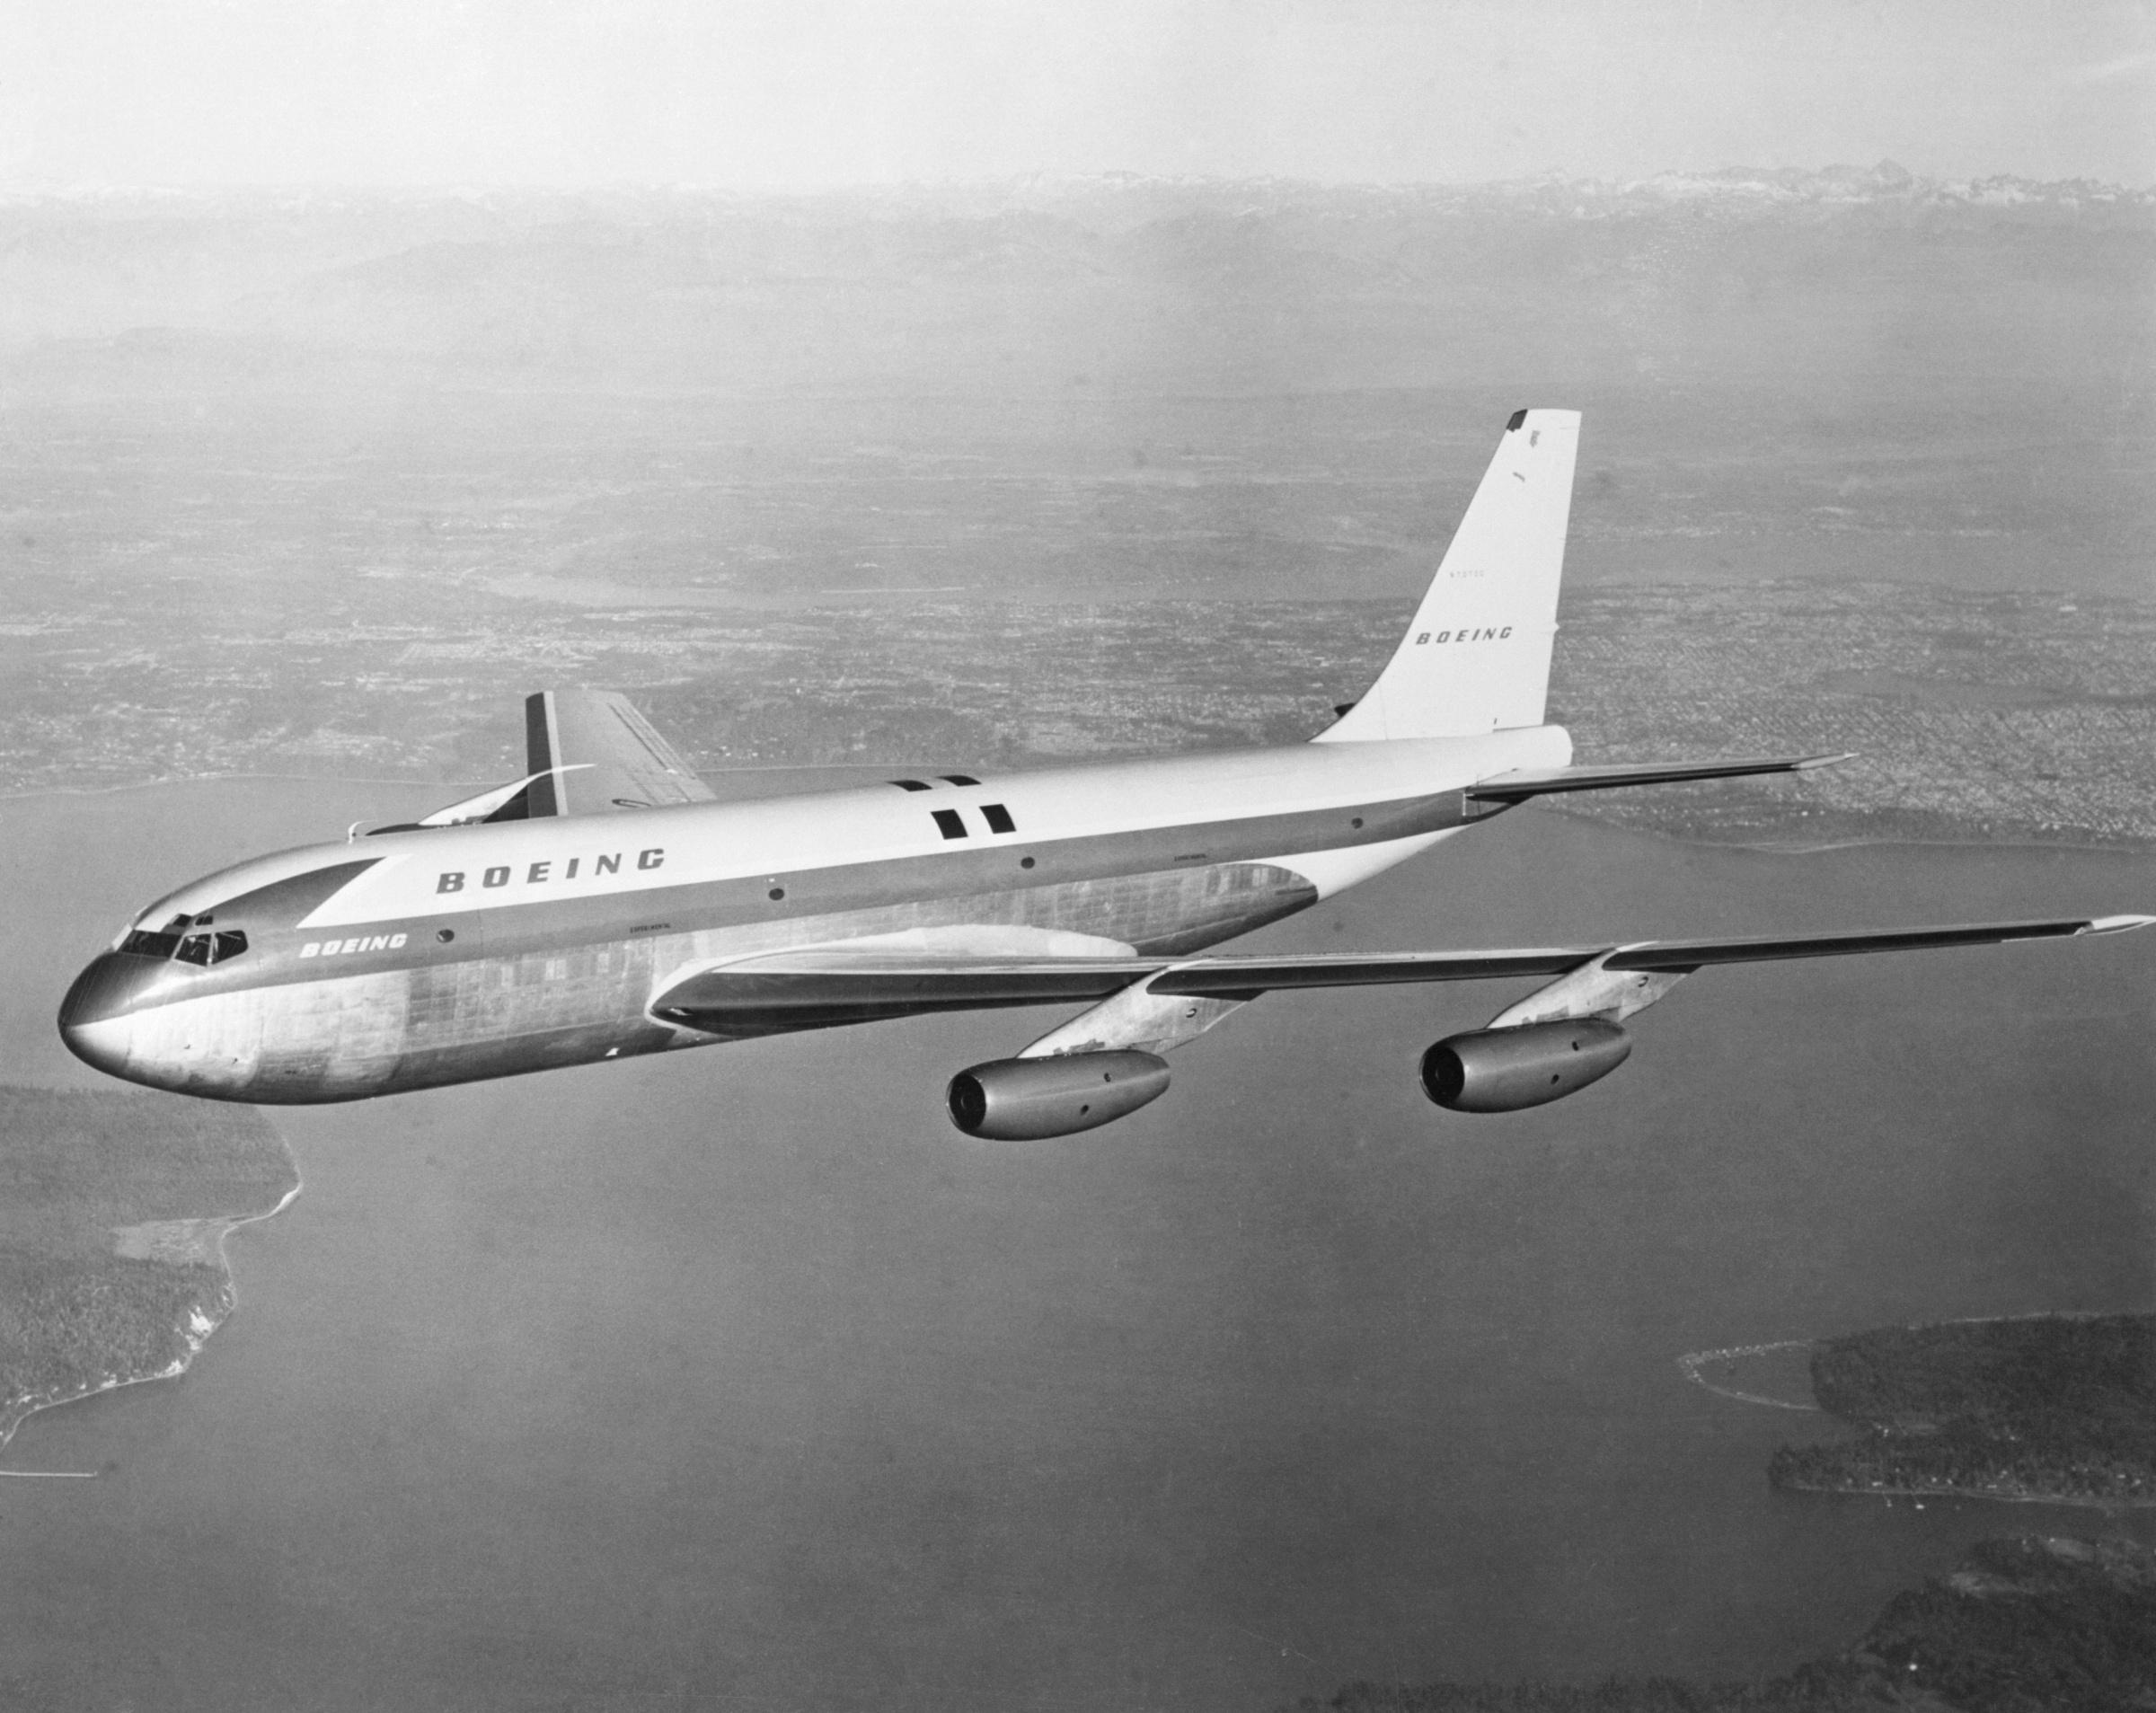 Boeing2070720jet-c50c483